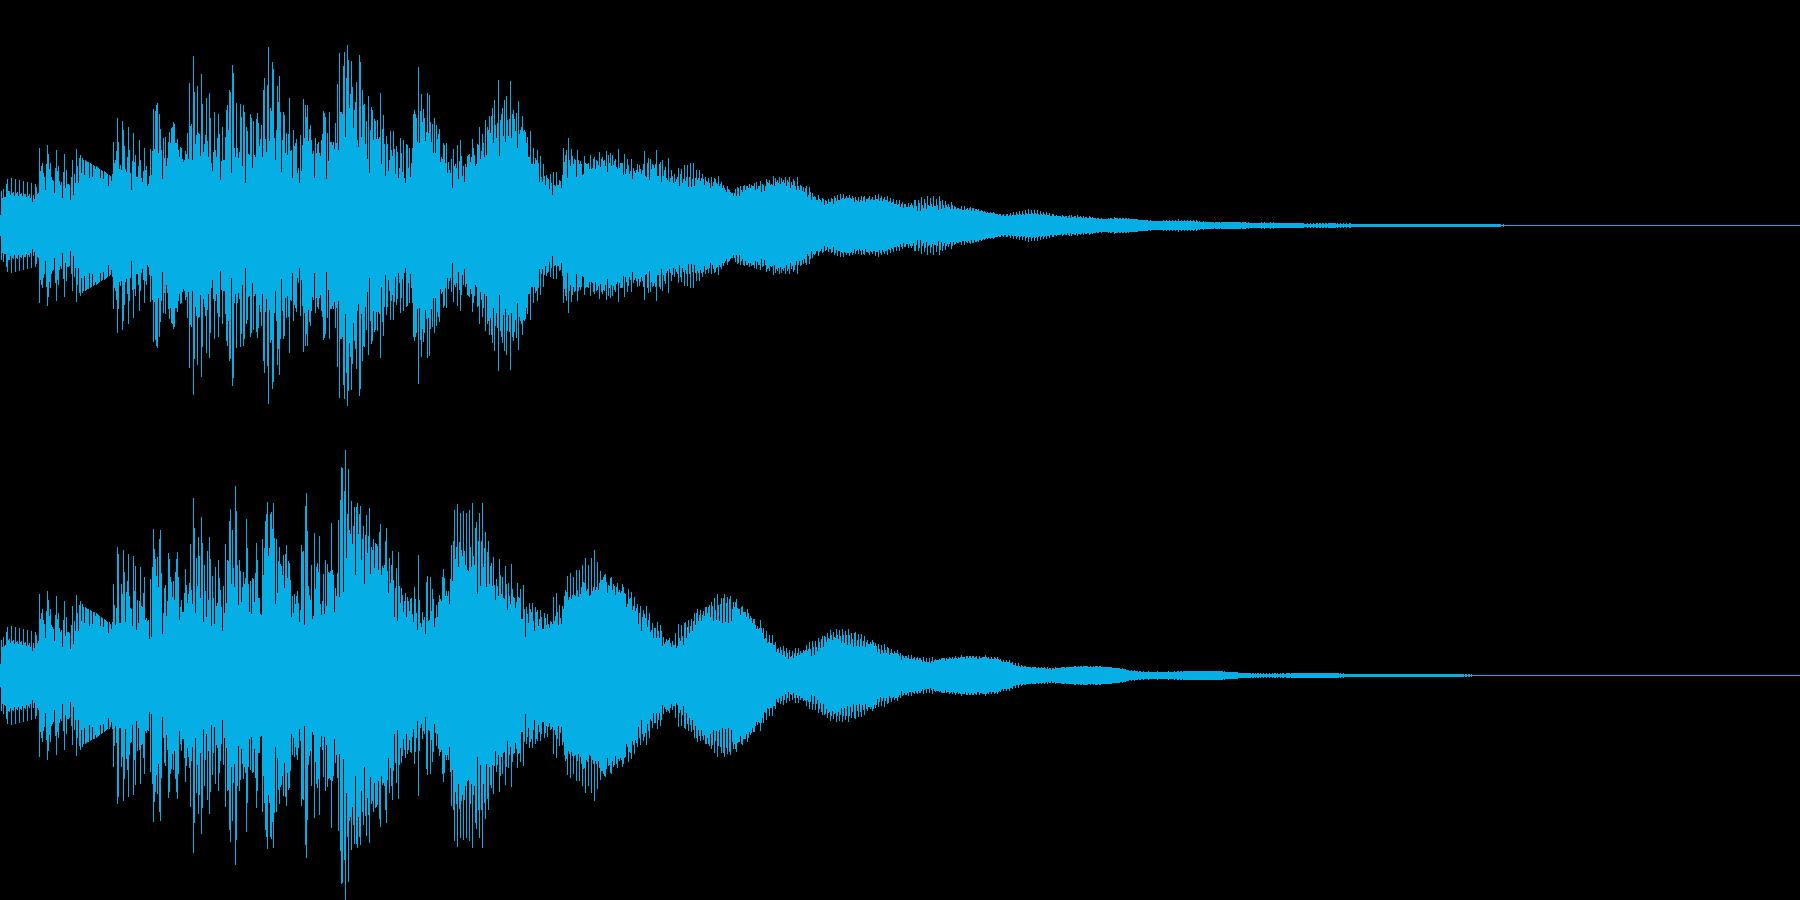 システム音の再生済みの波形